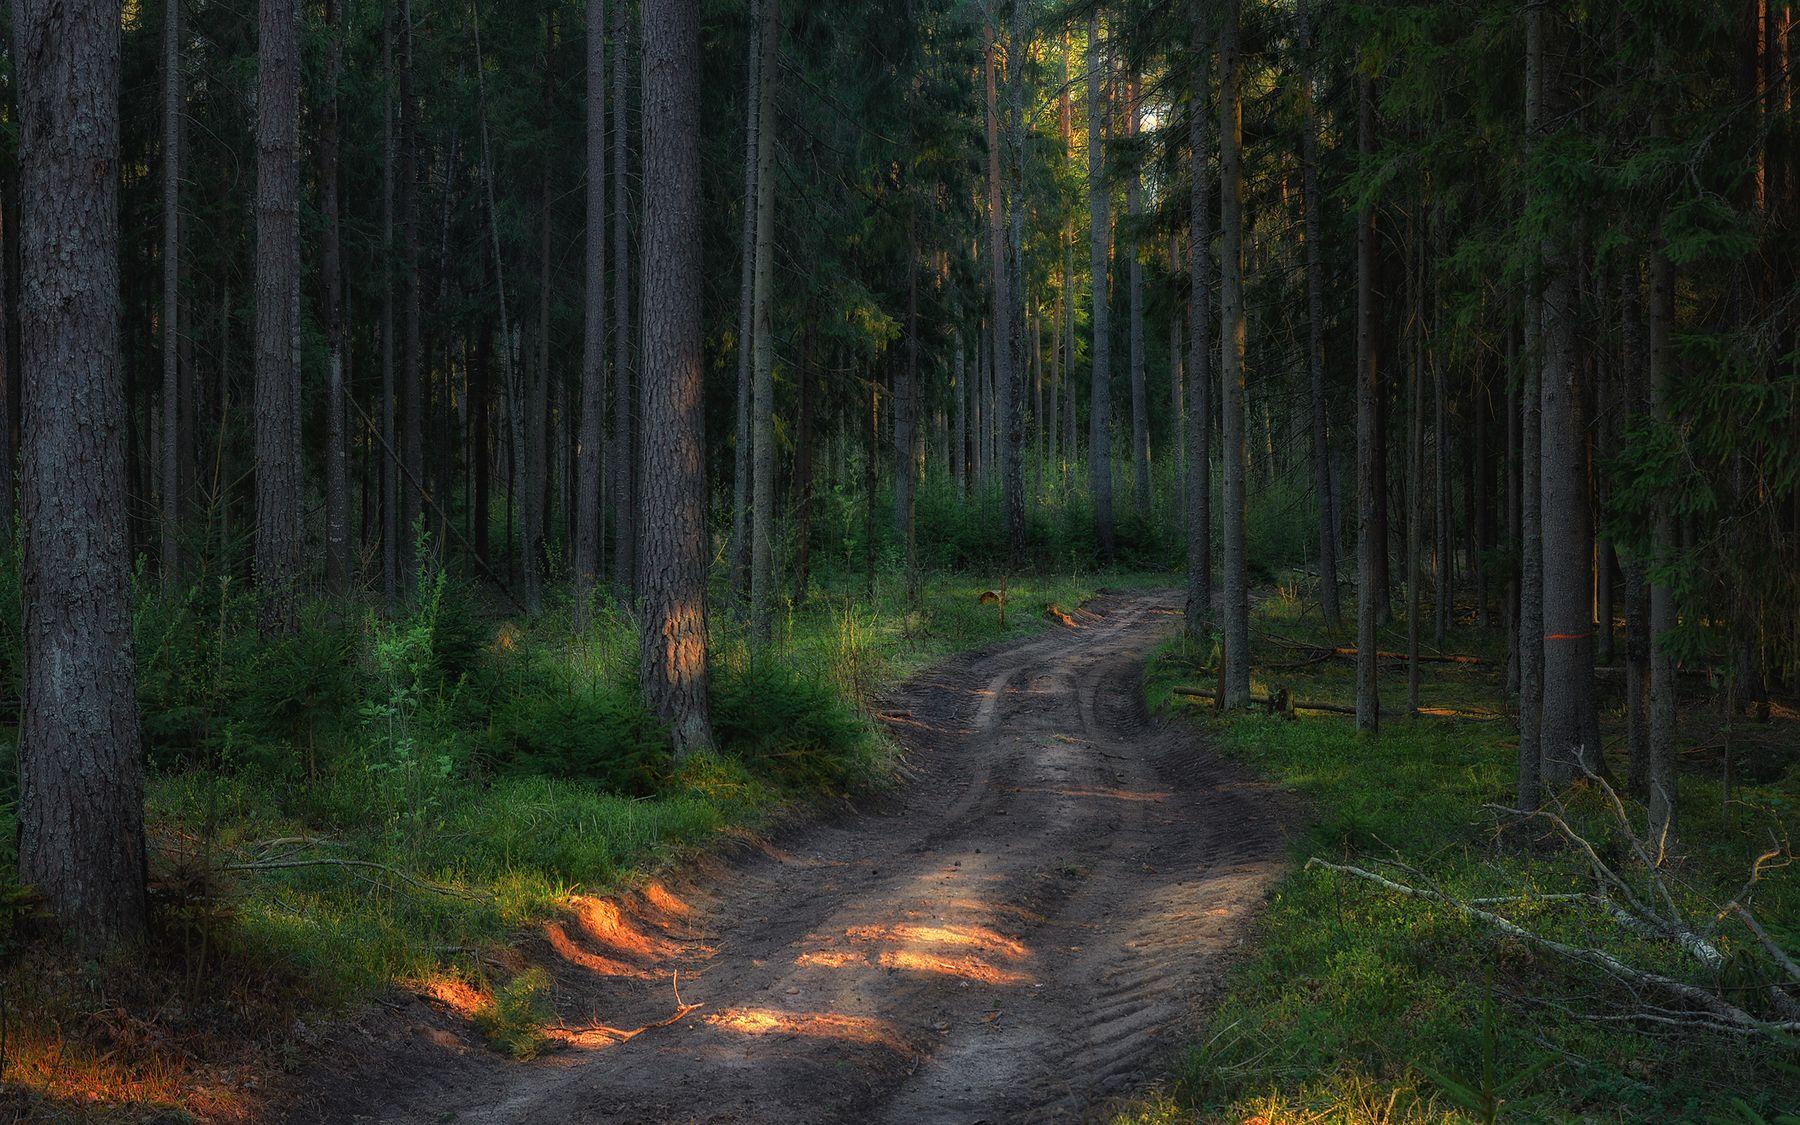 Дорога сквозь лес